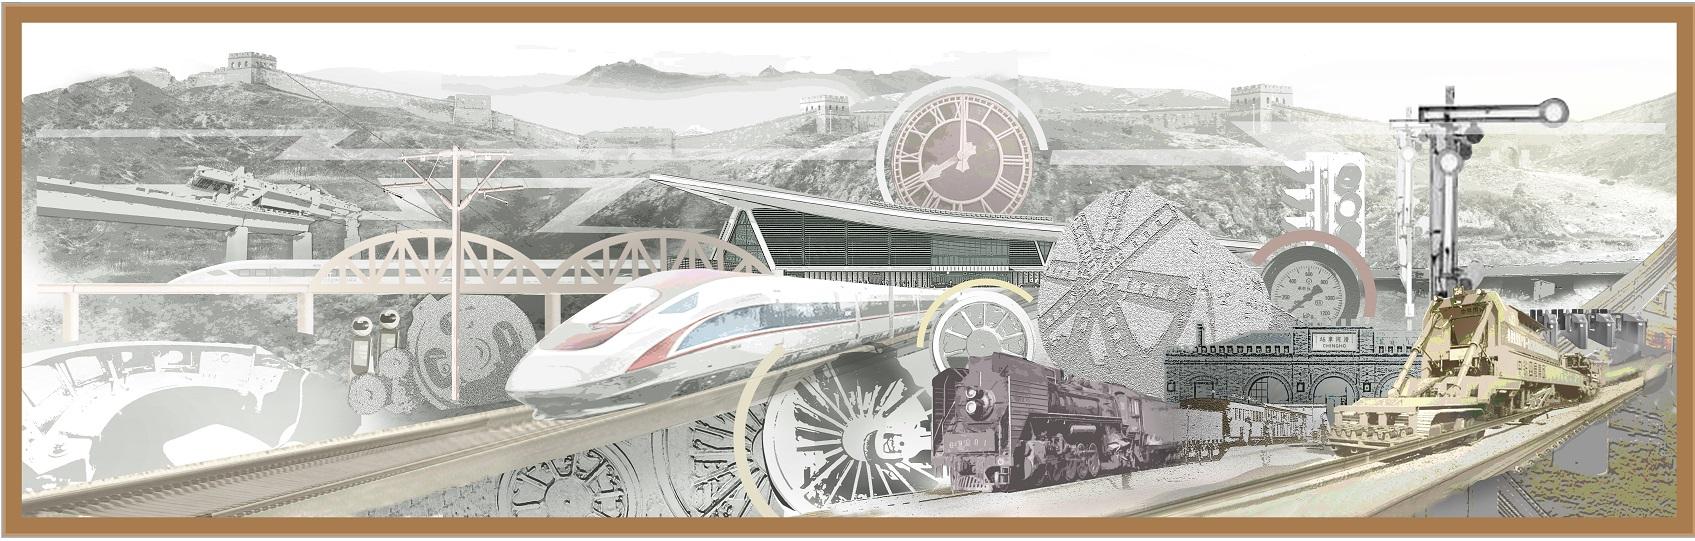 """牛不牛! 从""""军工重线""""到""""奥运专线"""" 同一条线路 不同的作用 当年是军事要道的京张铁路旁边 如今建起了又快又聪明的京张高铁 这里有全世界第一个建立在奥运村内的车站 太子城站 再过不久"""